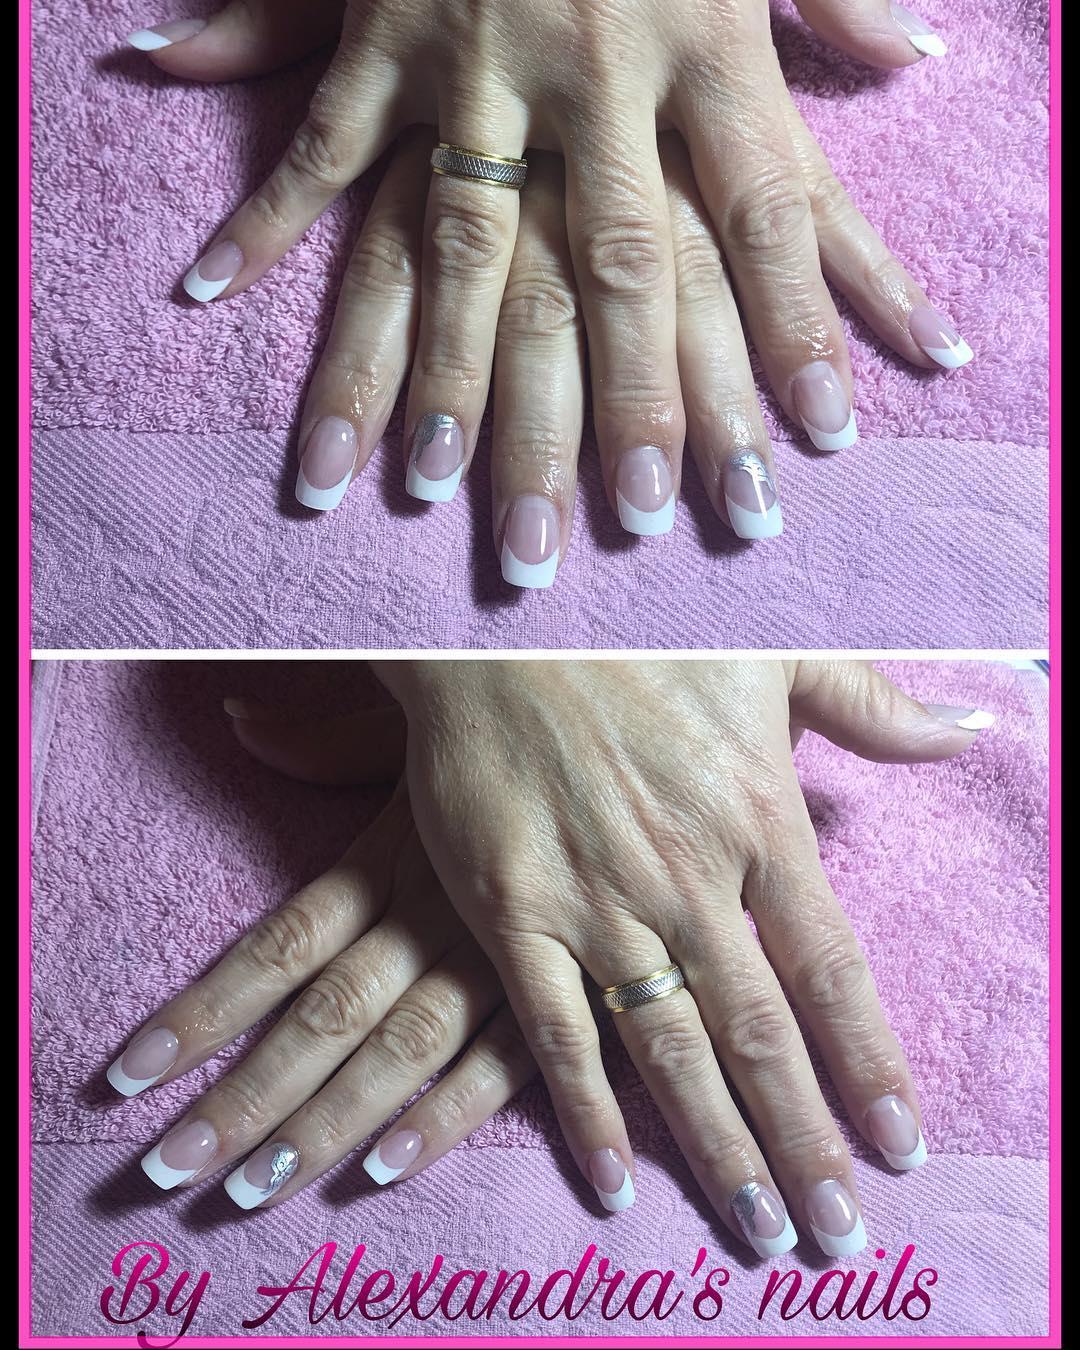 Trabalhando duro Francês Em suas unhas @corrallola #nails #nails #inhernalis # ensusuñ ...